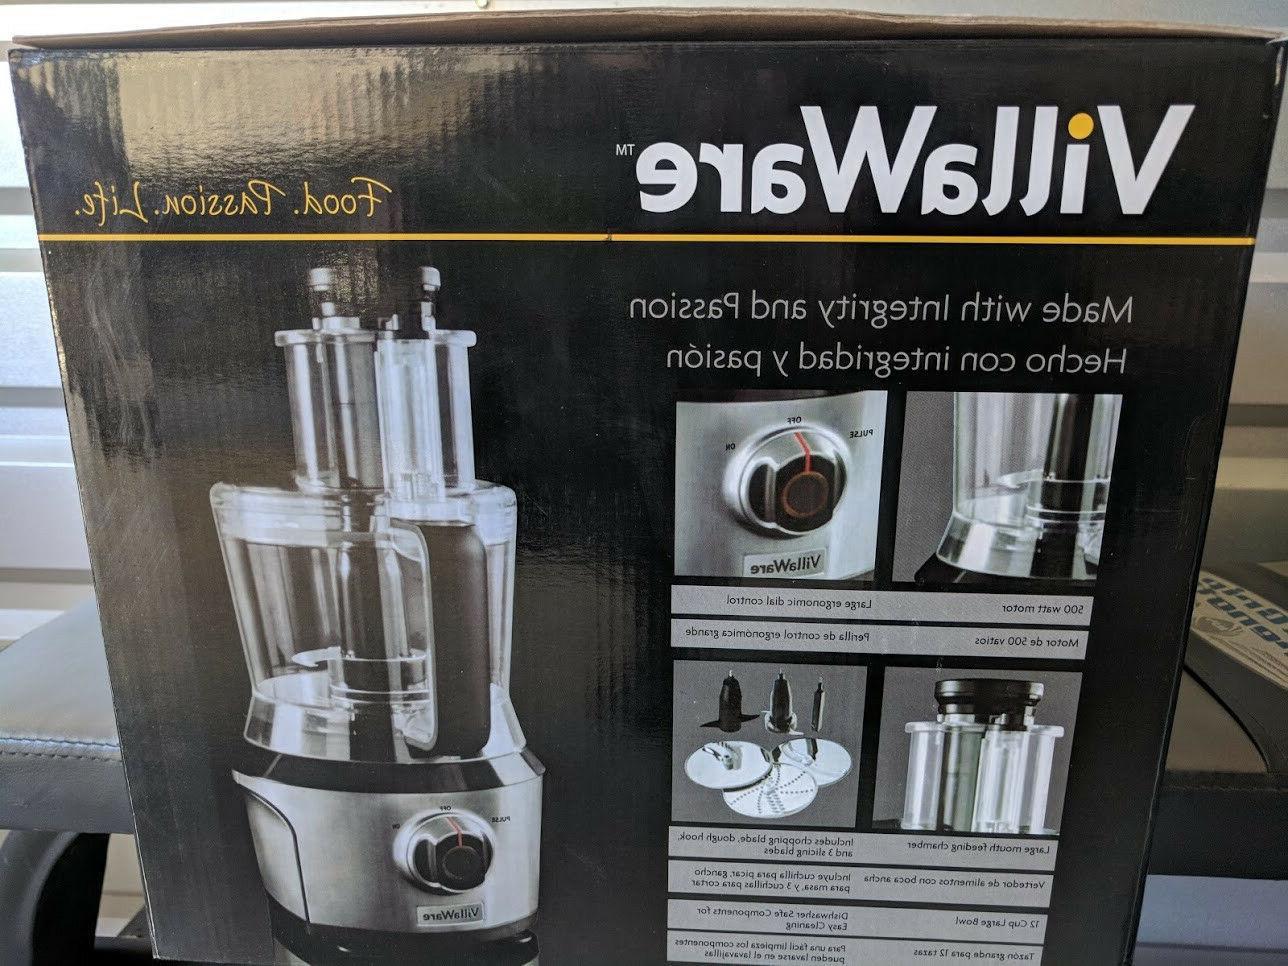 VillaWare New Steel VillaWare Processor Mixed Blender